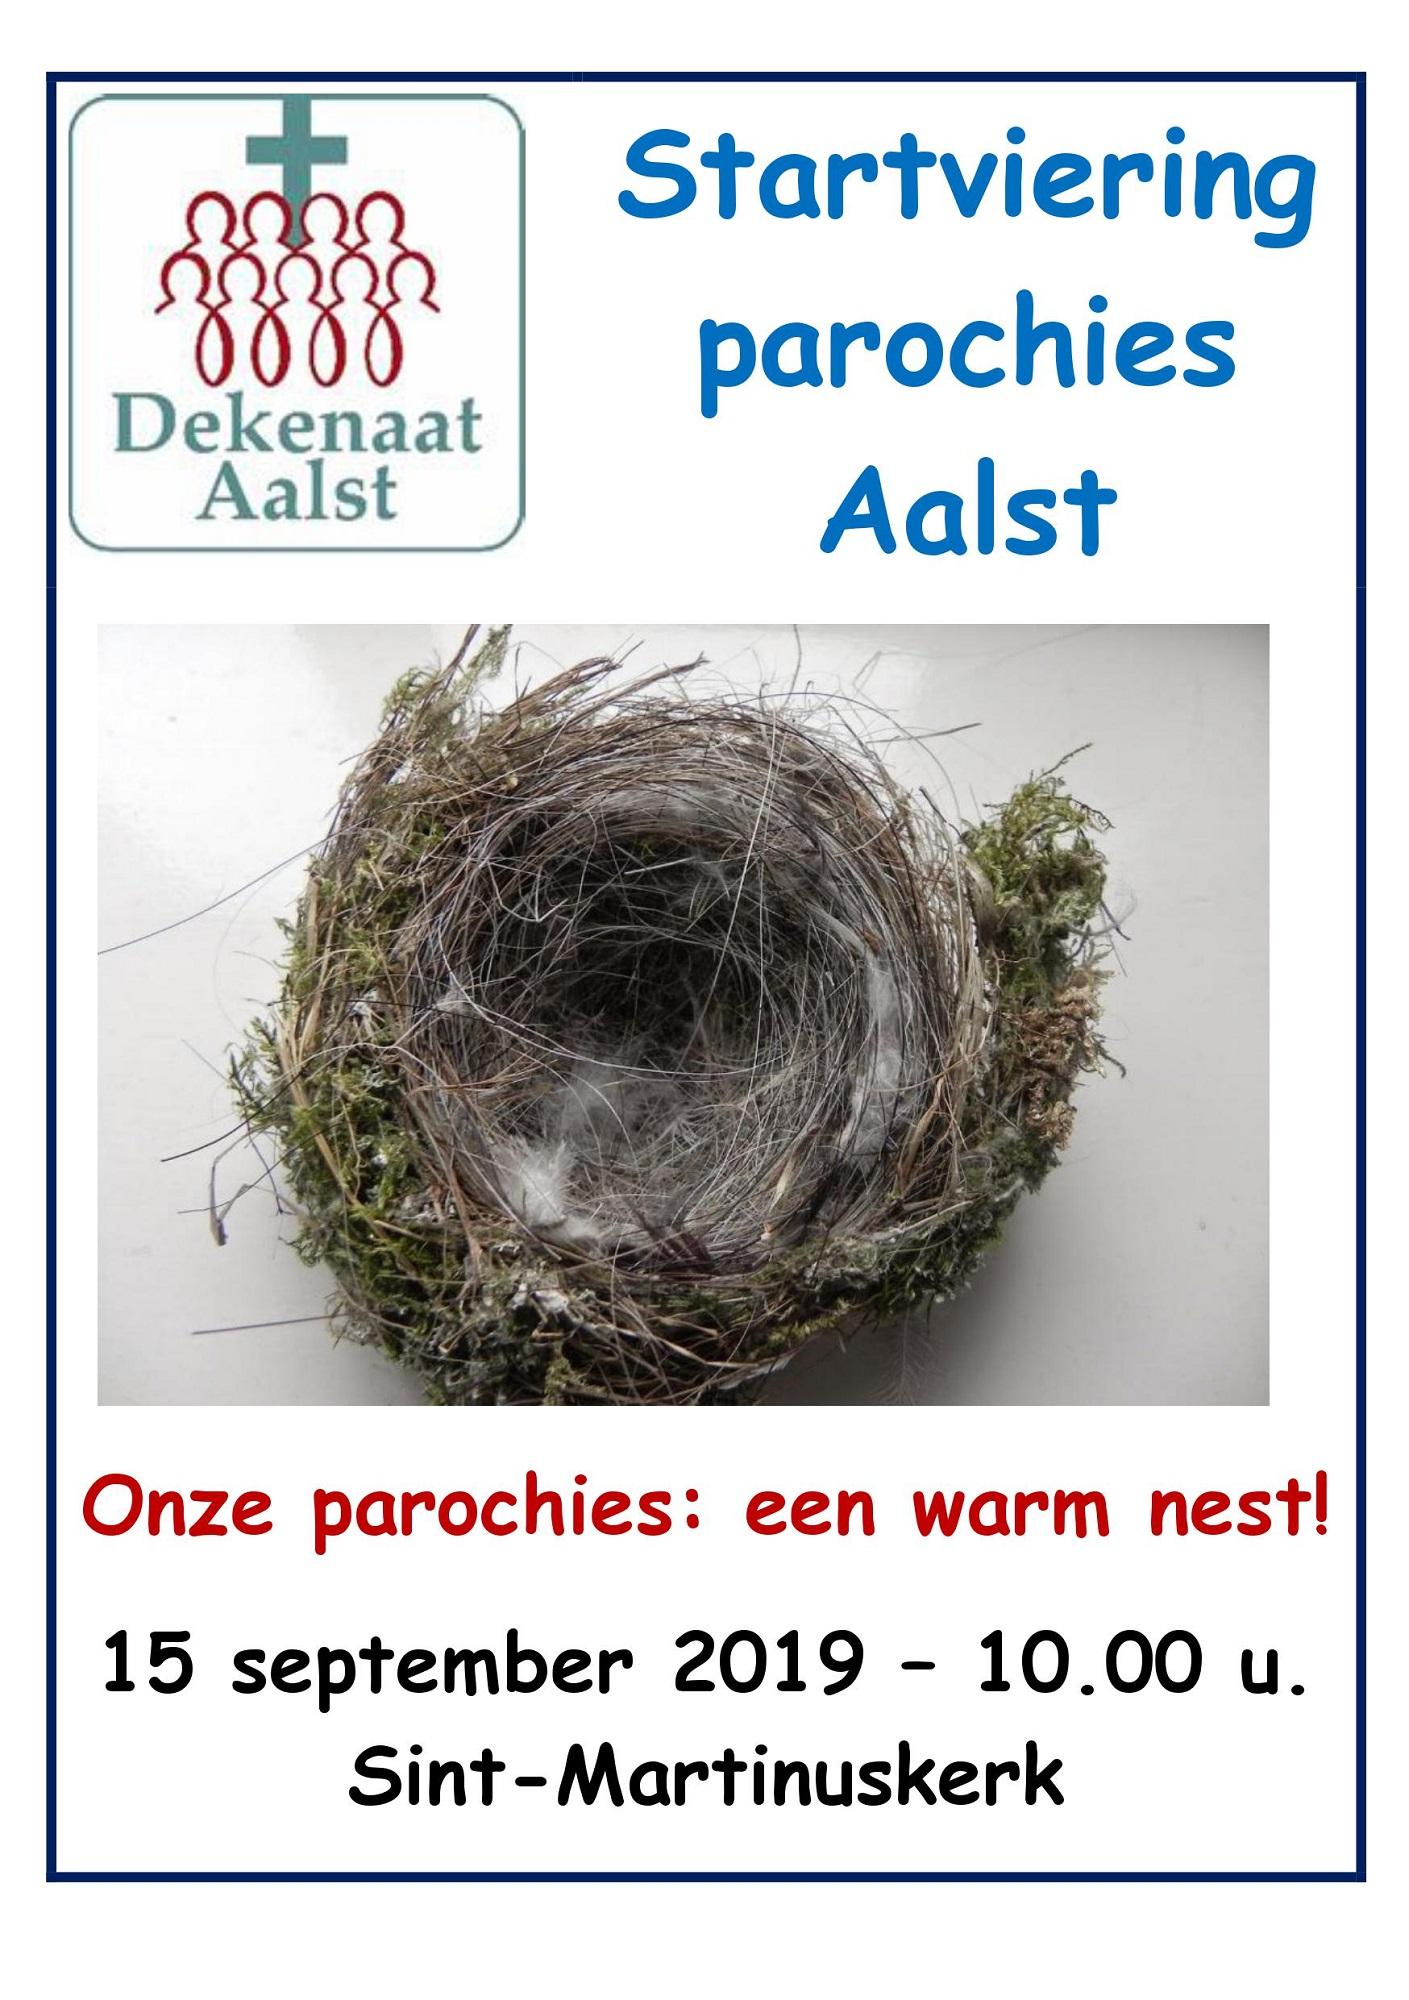 Uitnodiging voor de startviering van de parochies in groot-Aalst